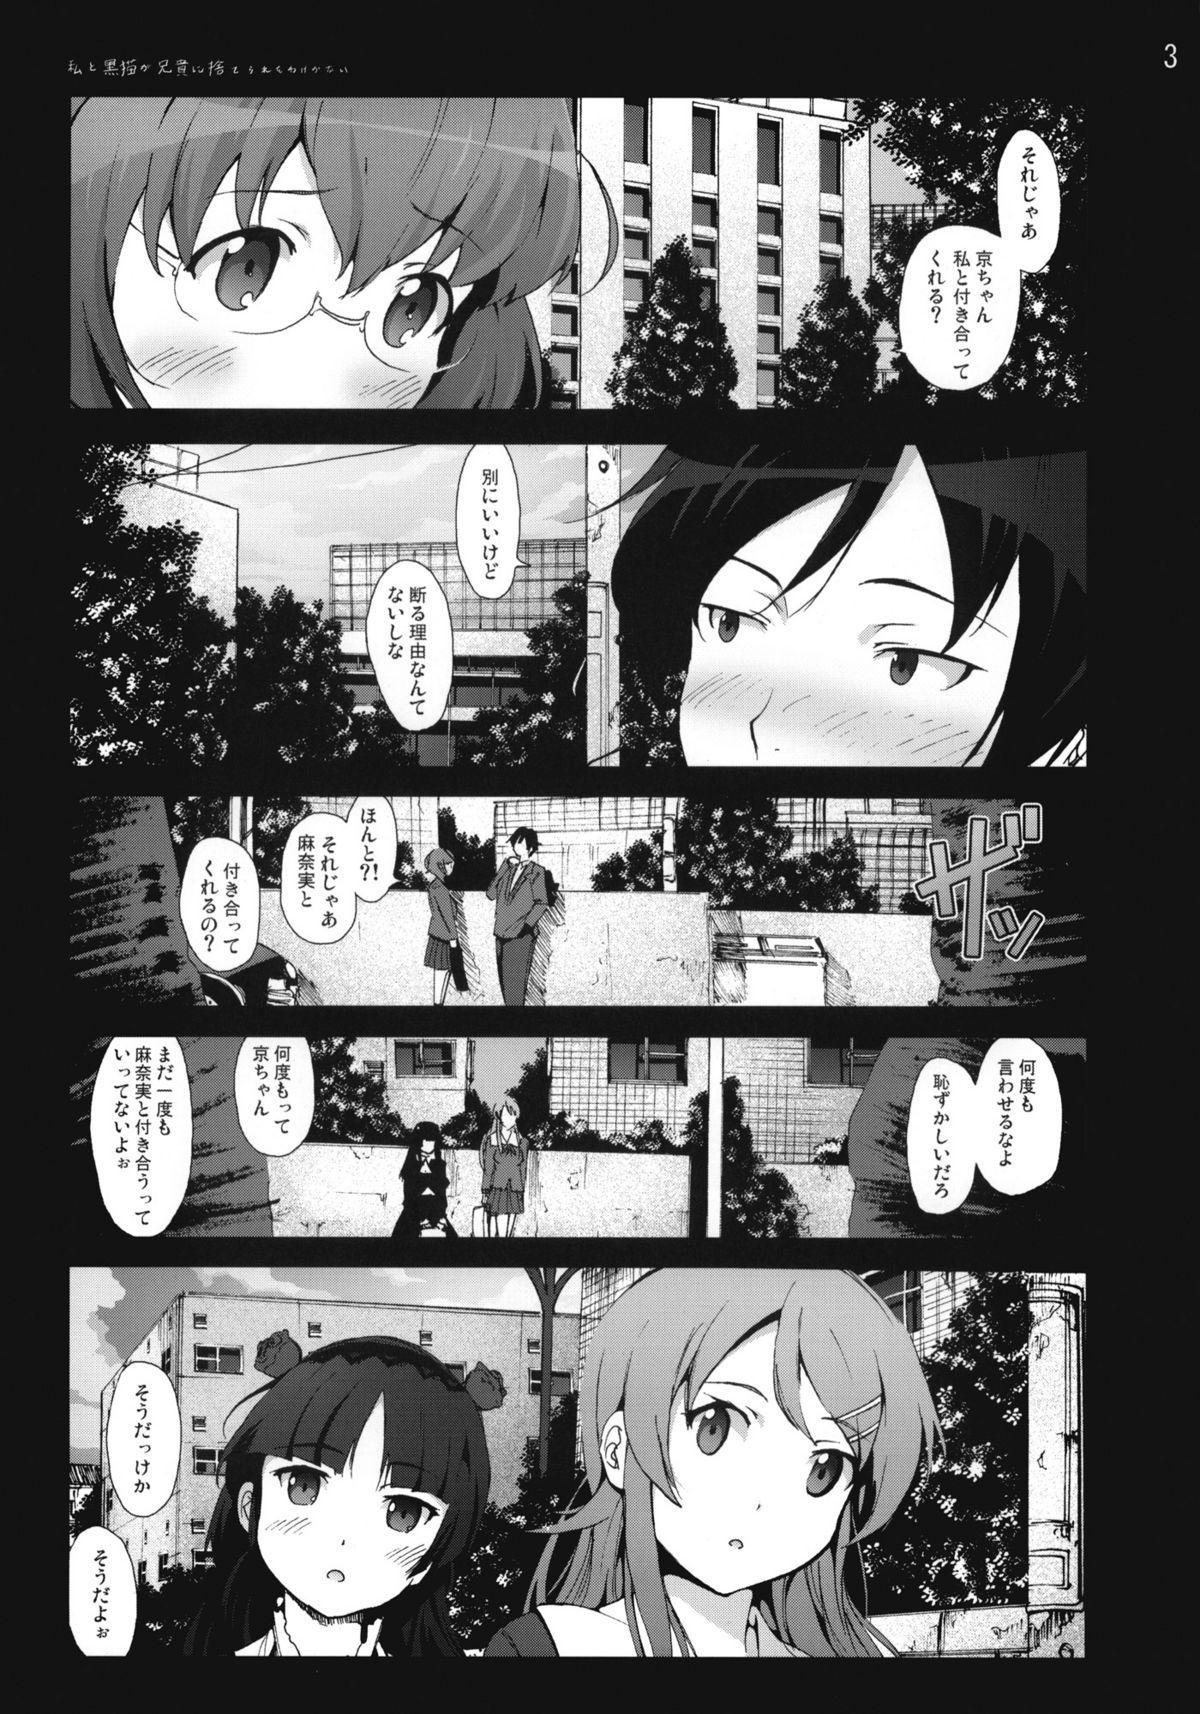 Kuroneko to Watashi ga Aniki ni Suterareta hazu ga Nai 1